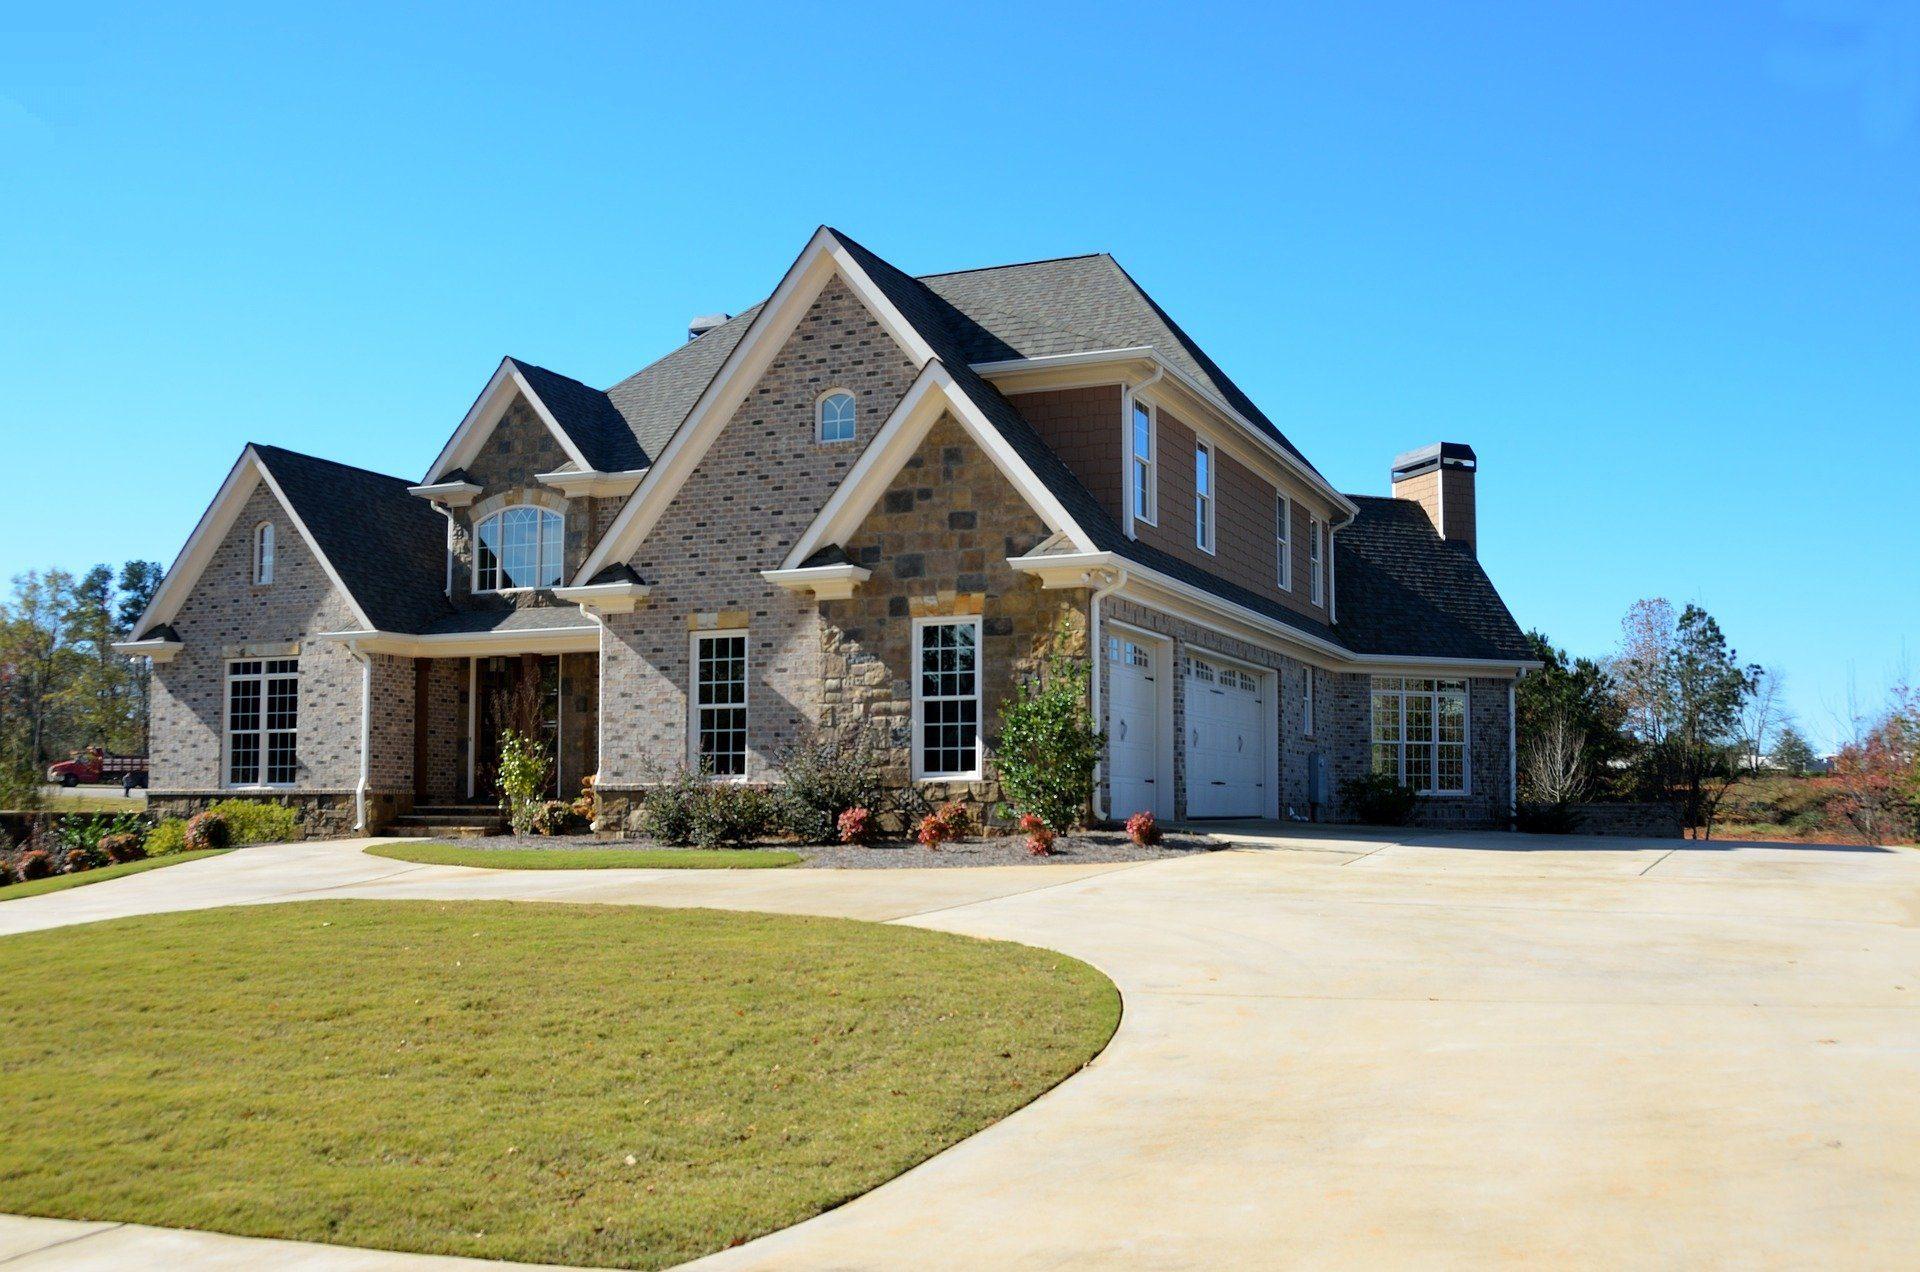 luxury-home-2409518_1920